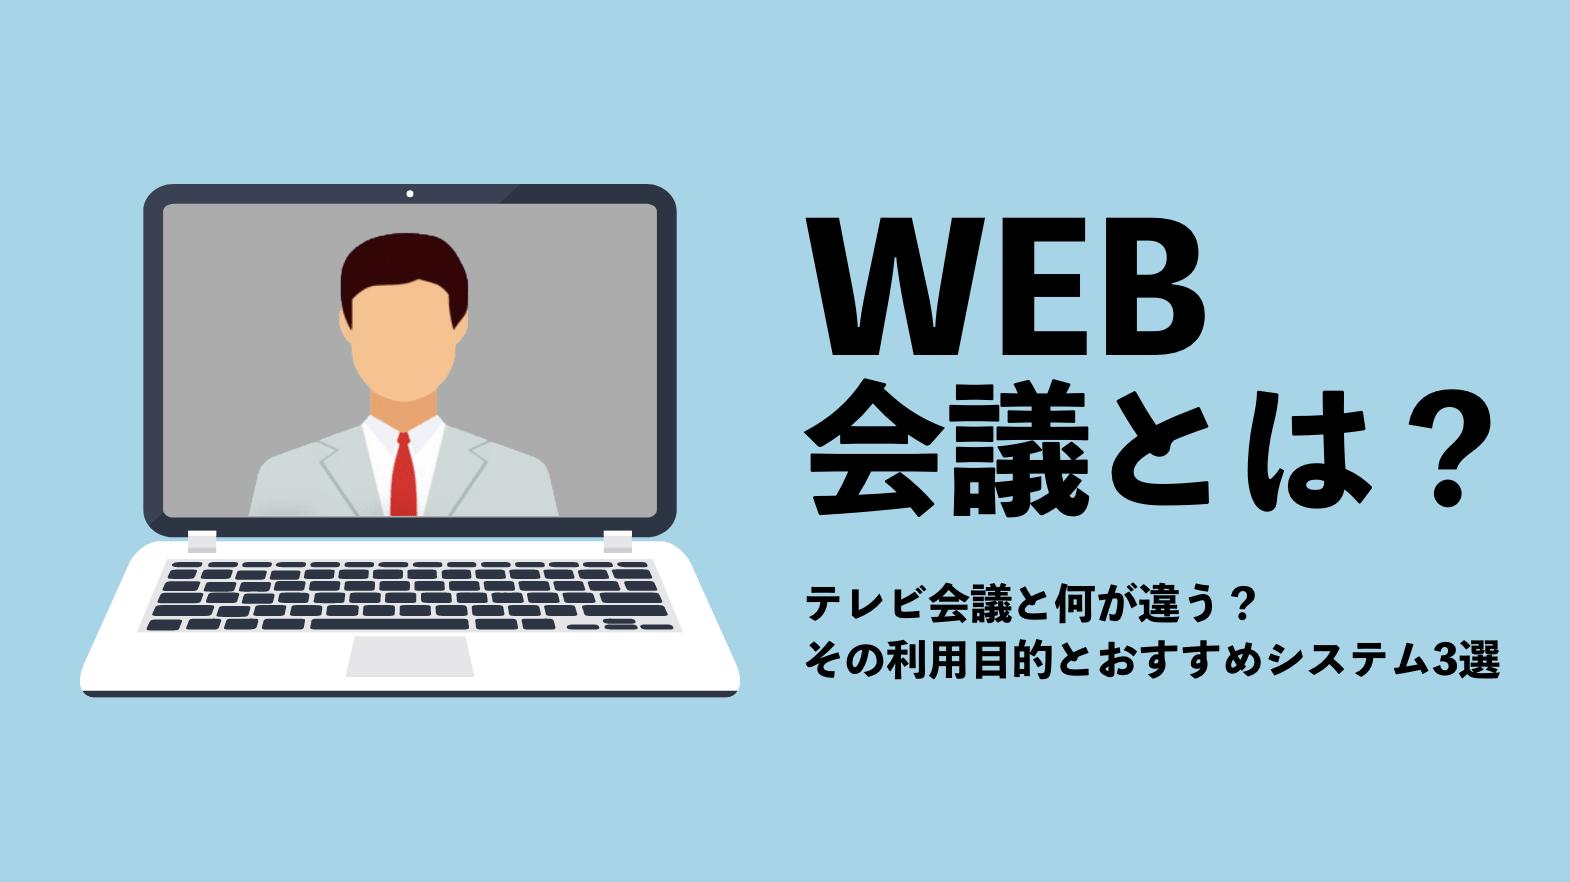 Web会議とは?テレビ会議と何が違う?その利用目的とおすすめシステム3選